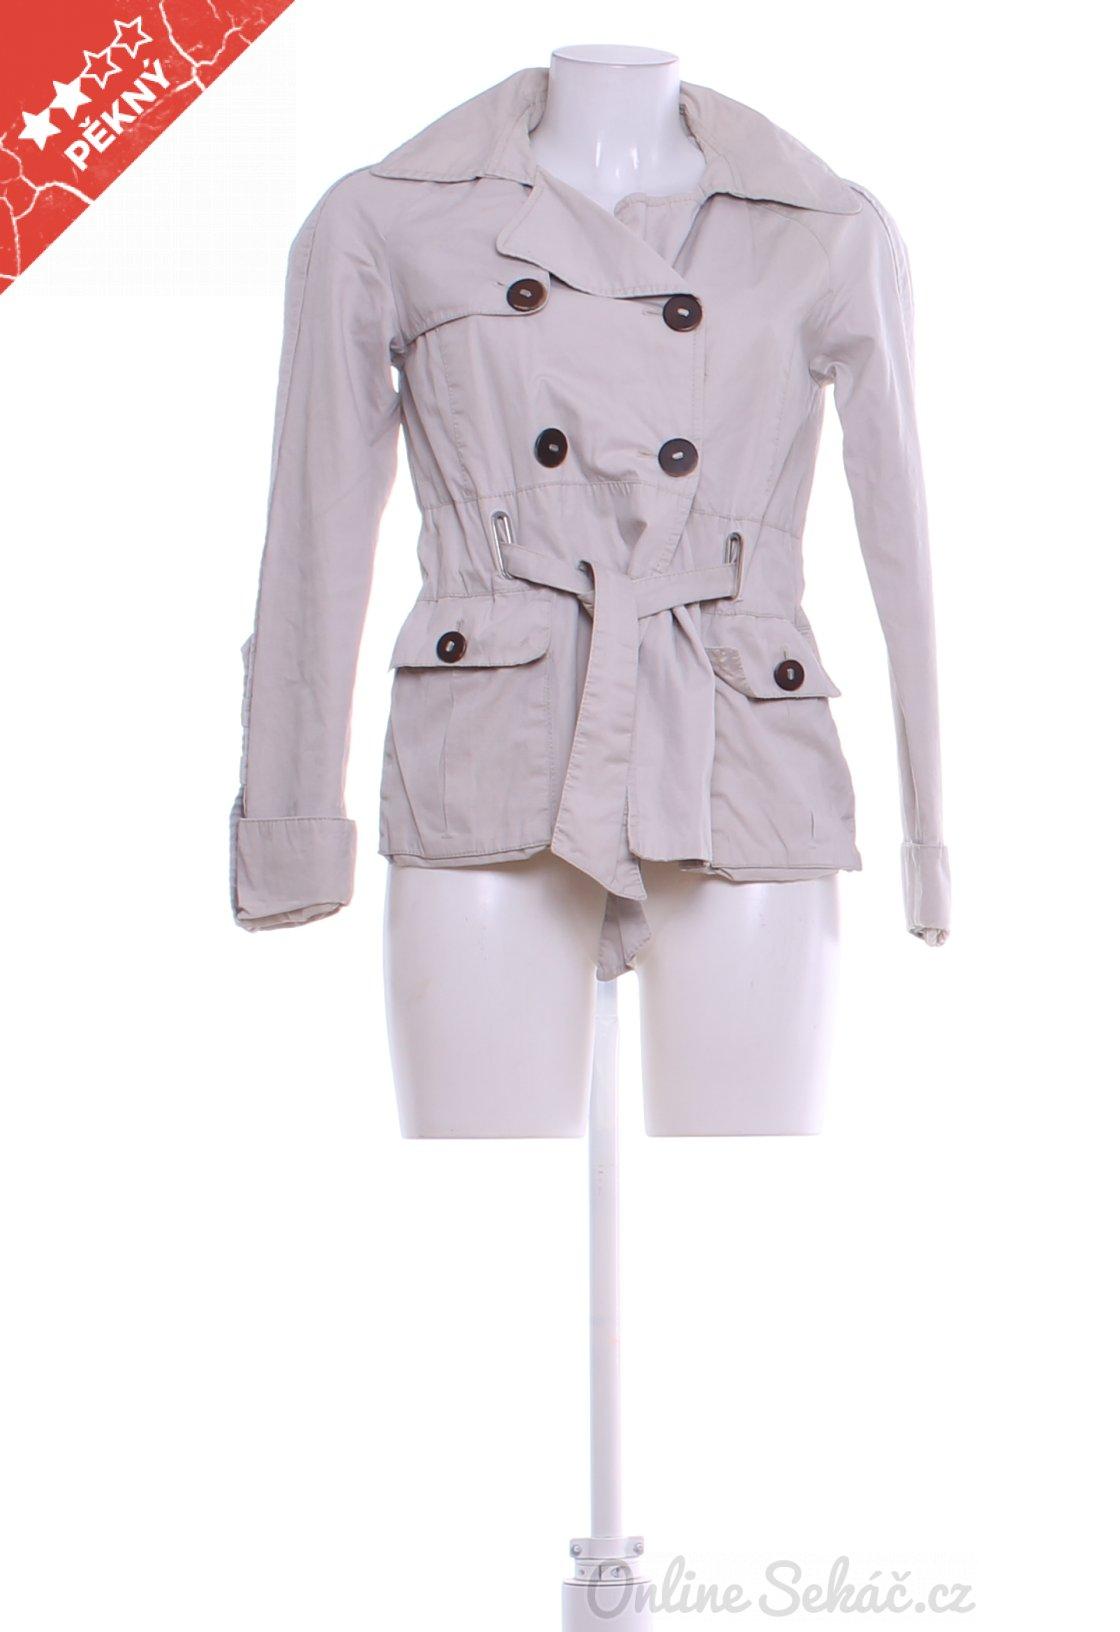 37ecf53d52 Dámský jarní či podzimní kabát ZARA S